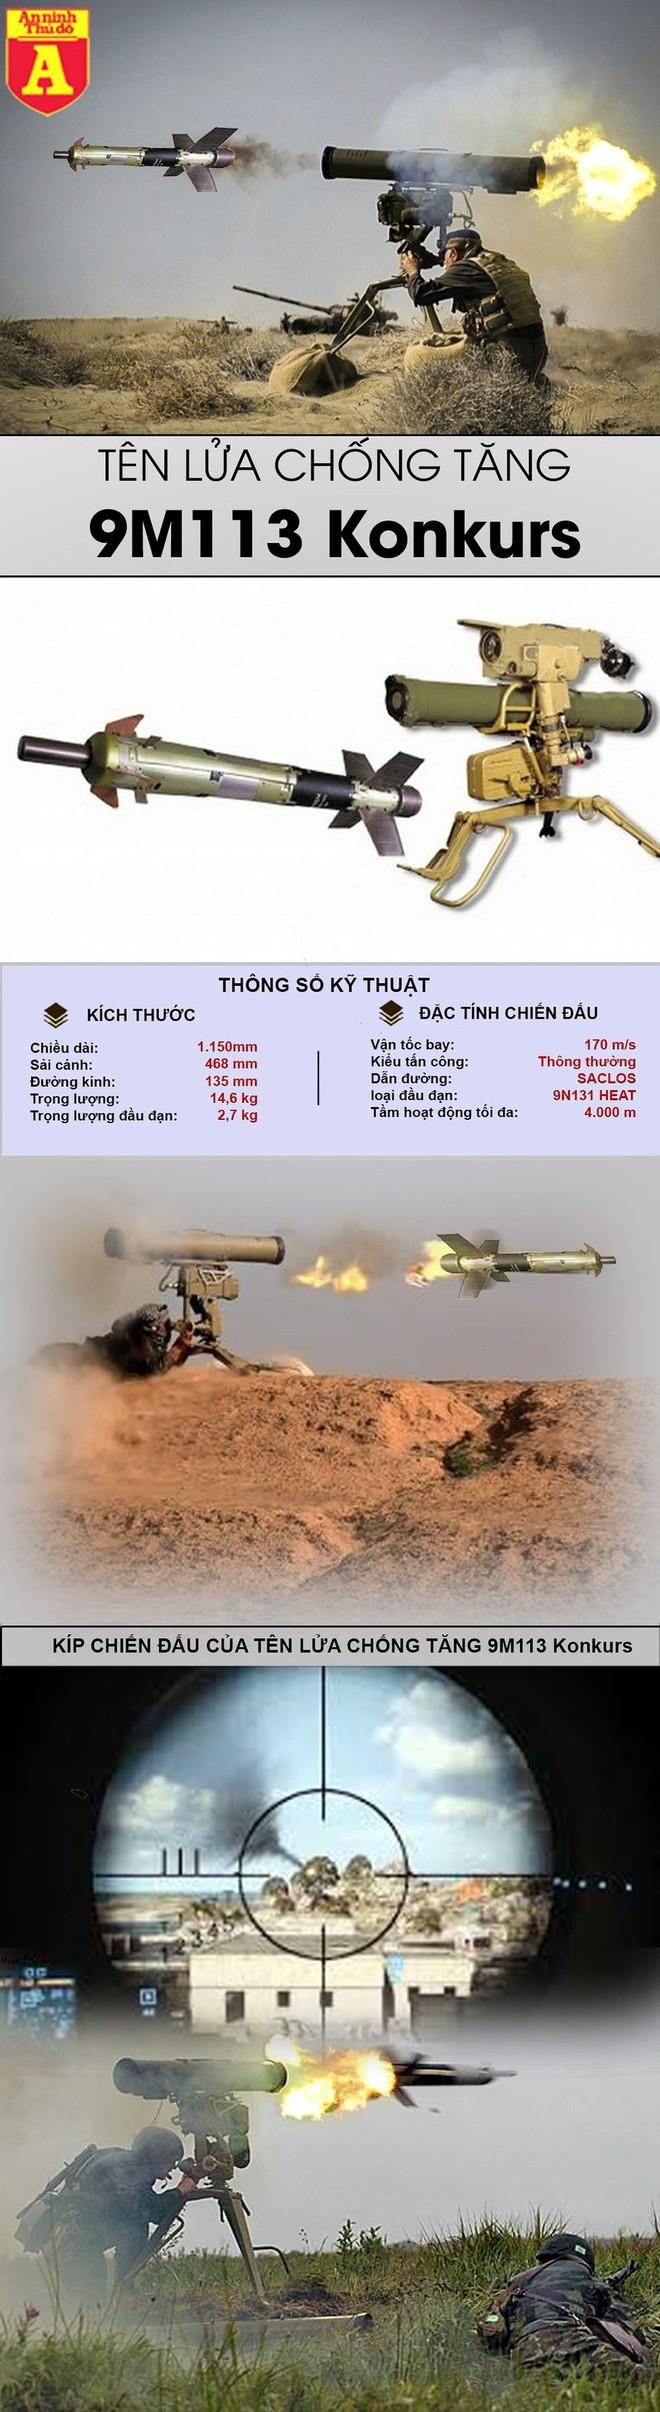 [Info] Loại tên lửa Liên Xô vừa khiến xe tăng T-90 Nga cháy đen ảnh 3